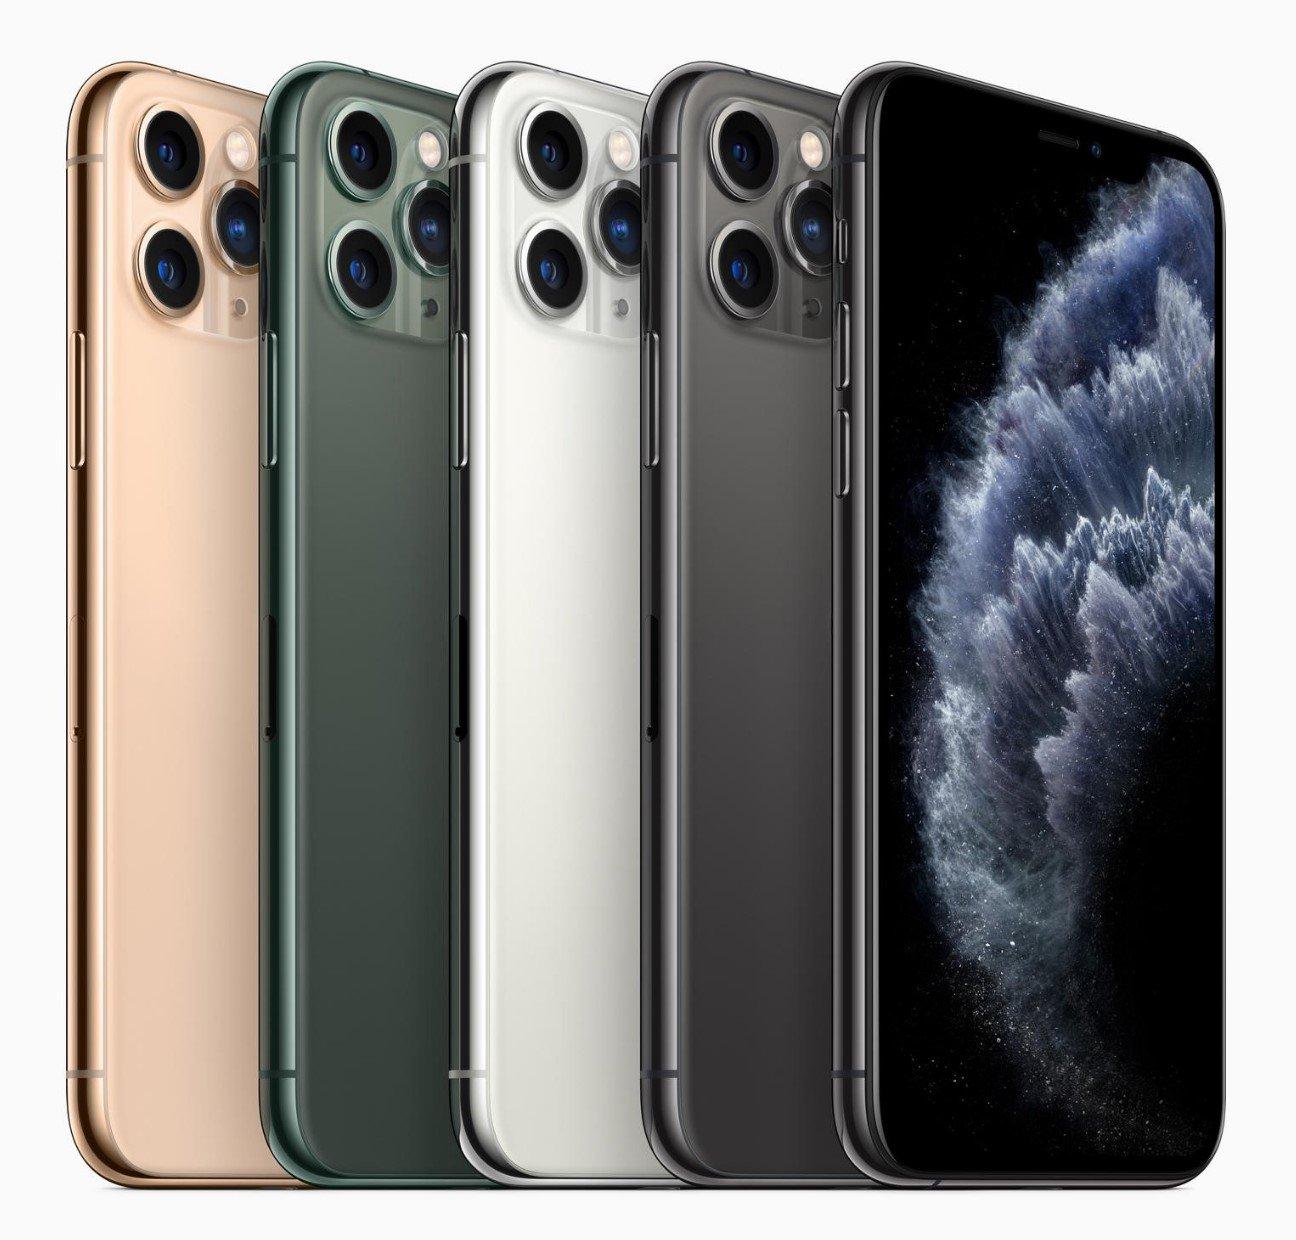 Apple iPhone 11 ve iPhone 11 Pro Max Karşılaştırması